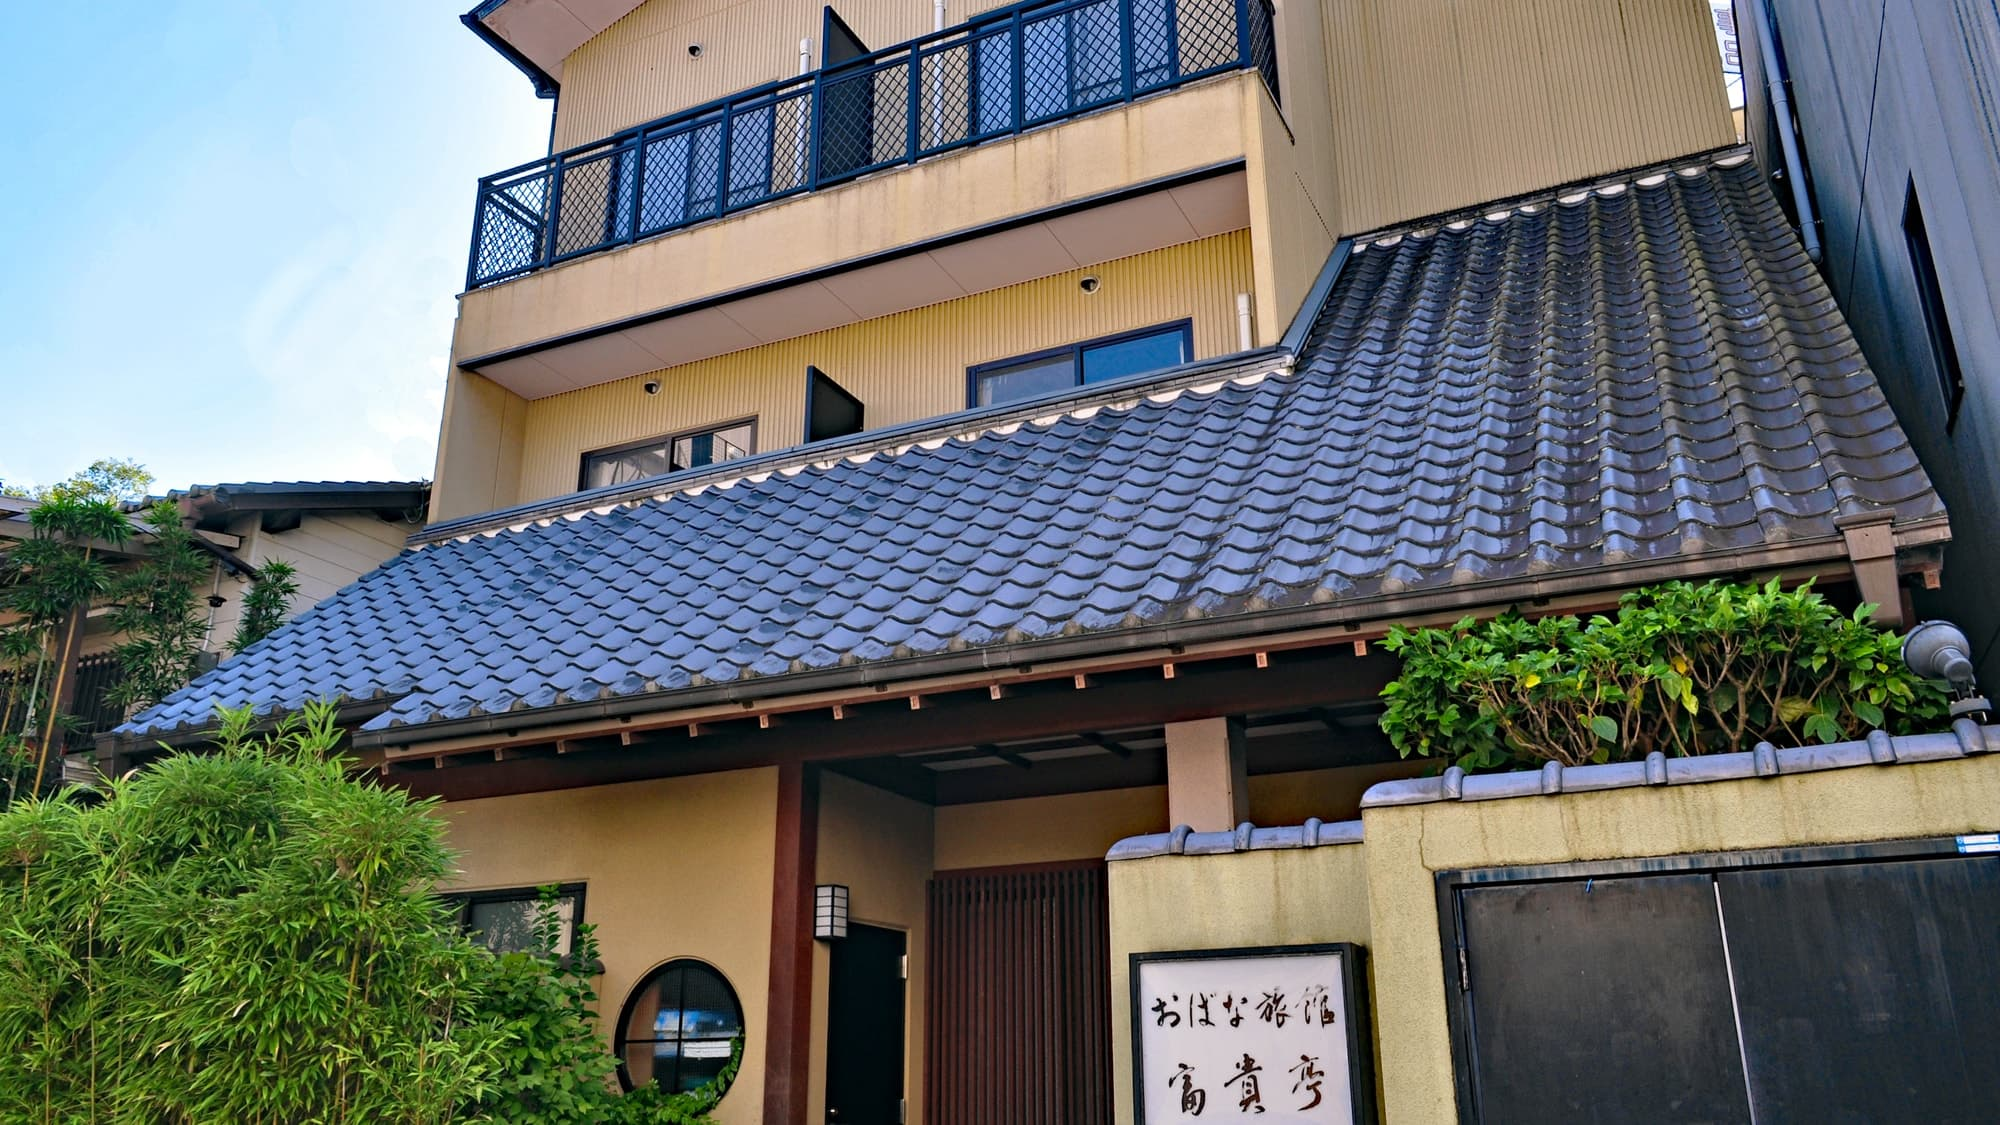 おばな旅館 富貴亭 image